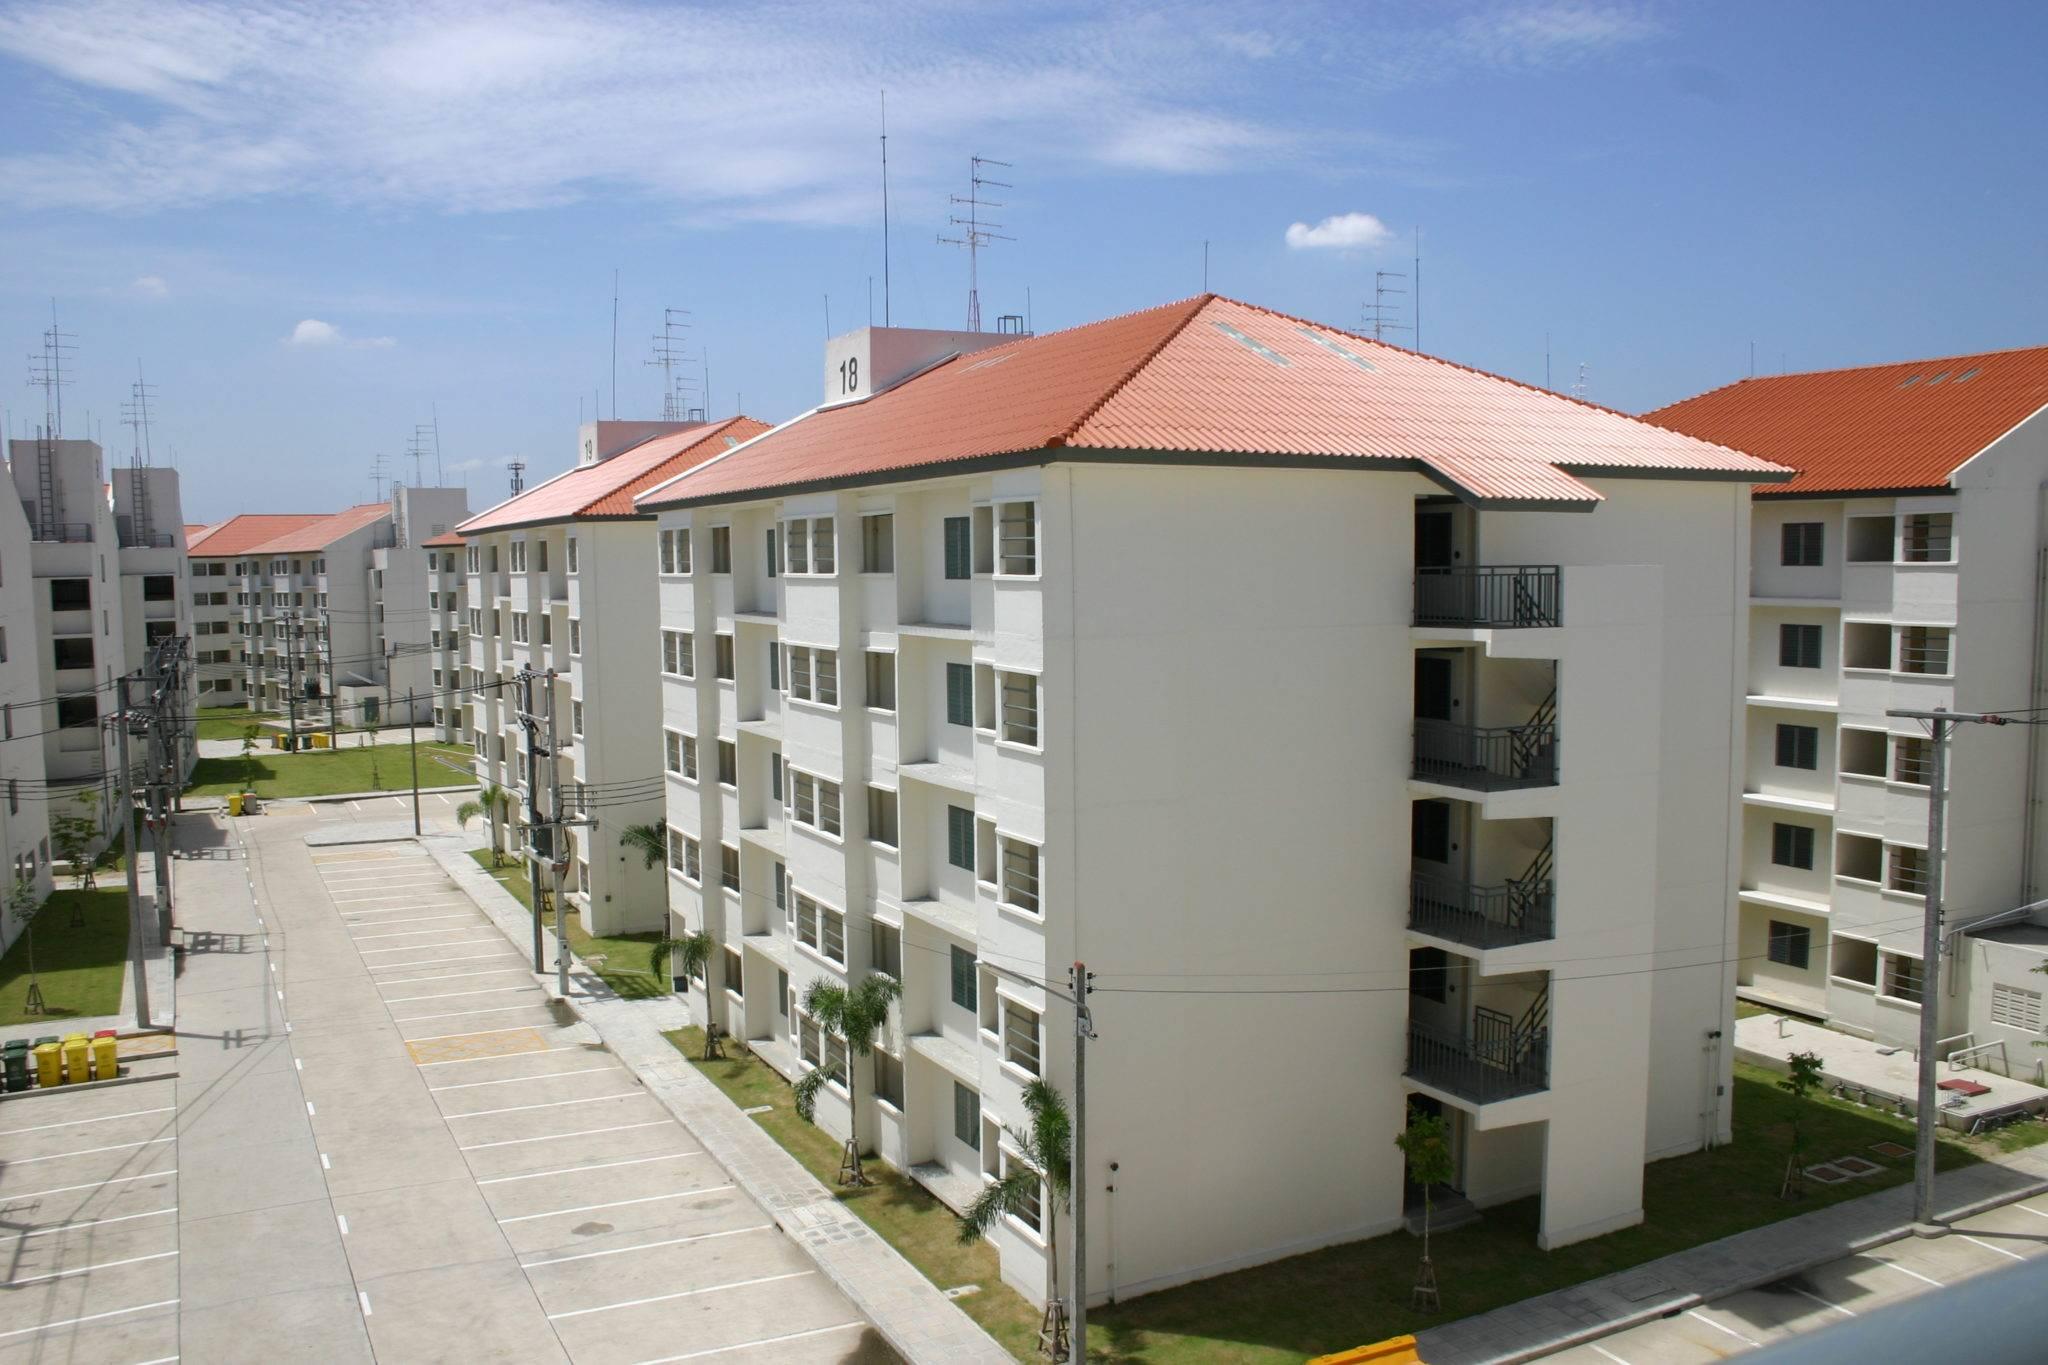 ยอดจอง บ้านถูกทั่วไทย ทะลักเกือบ 20000 ราย   Prop2Morrow บ้าน คอนโด ข่าวอสังหาฯ